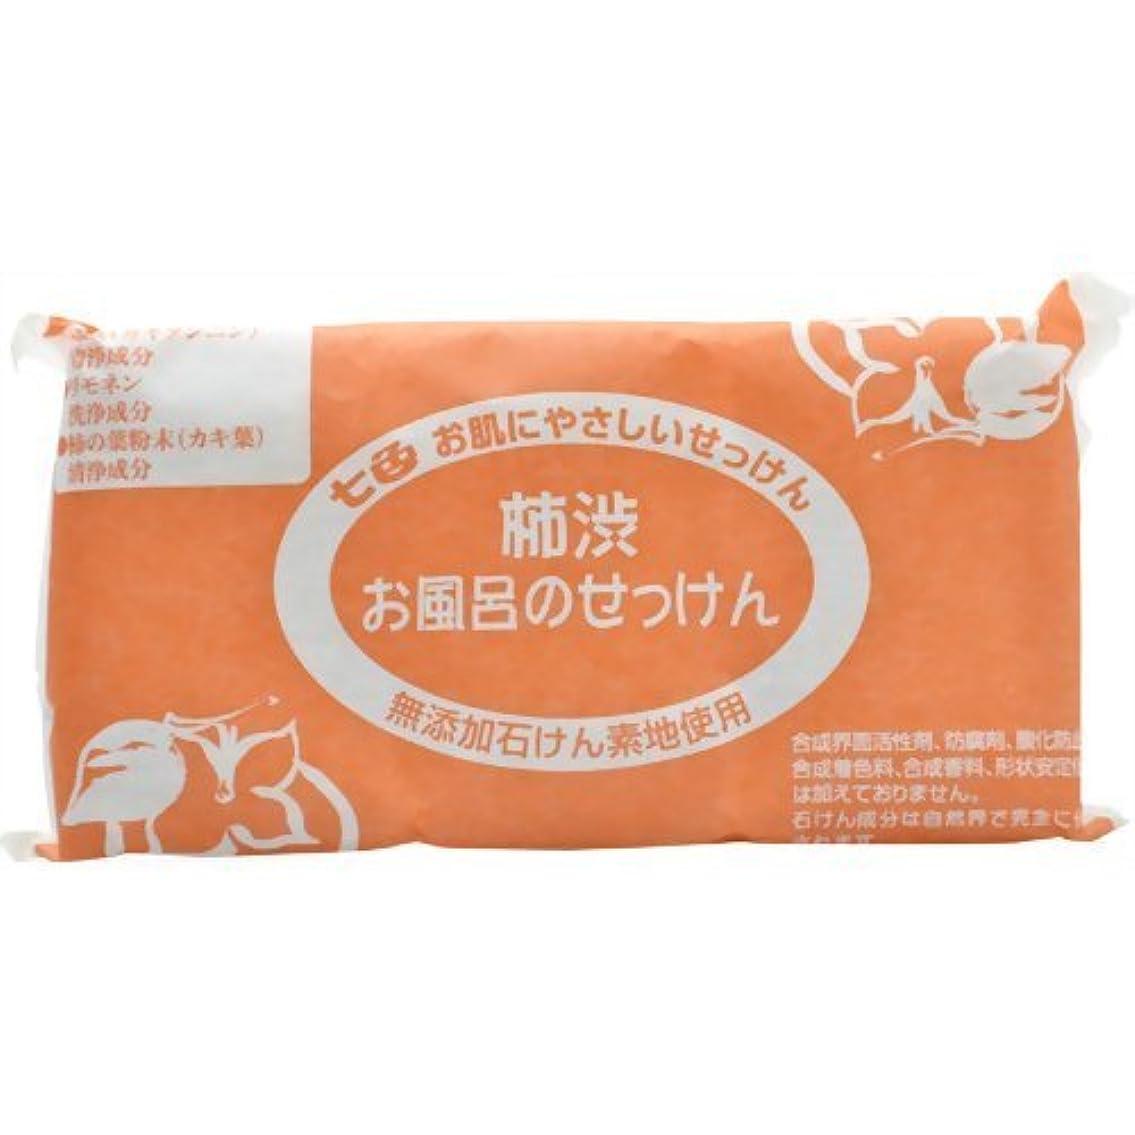 ズーム思い出させるより七色 お風呂のせっけん 柿渋(無添加石鹸) 100g×3個入